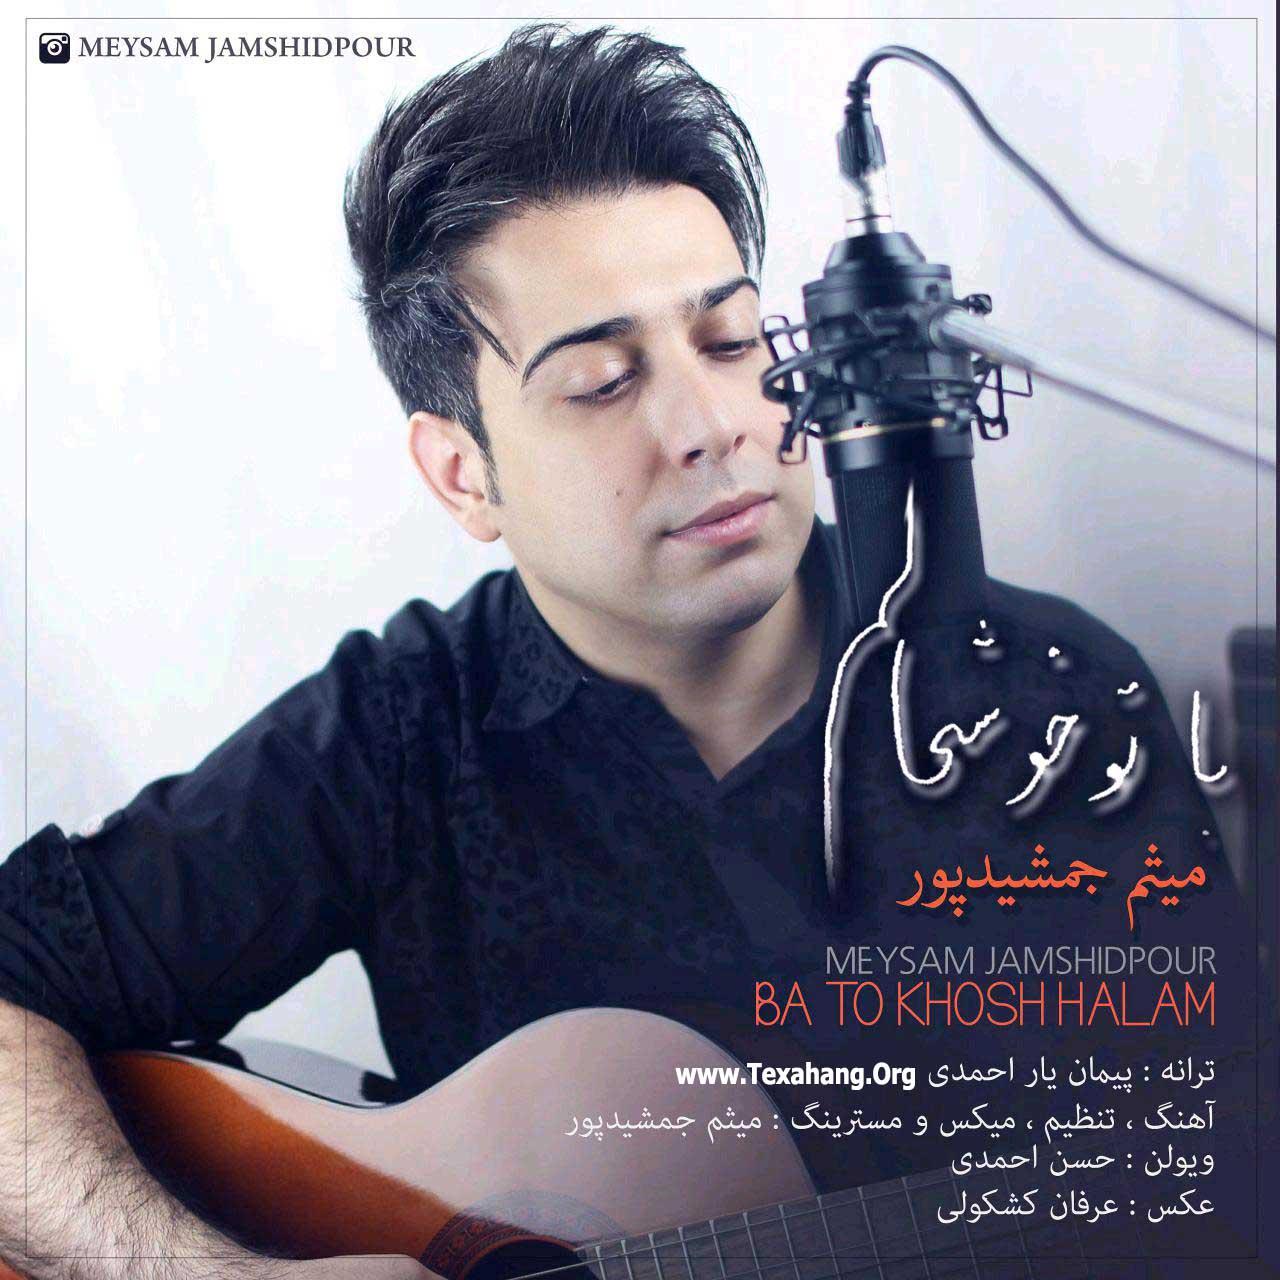 متن آهنگ جدید با تو خوشحالم از میثم جمشیدپور